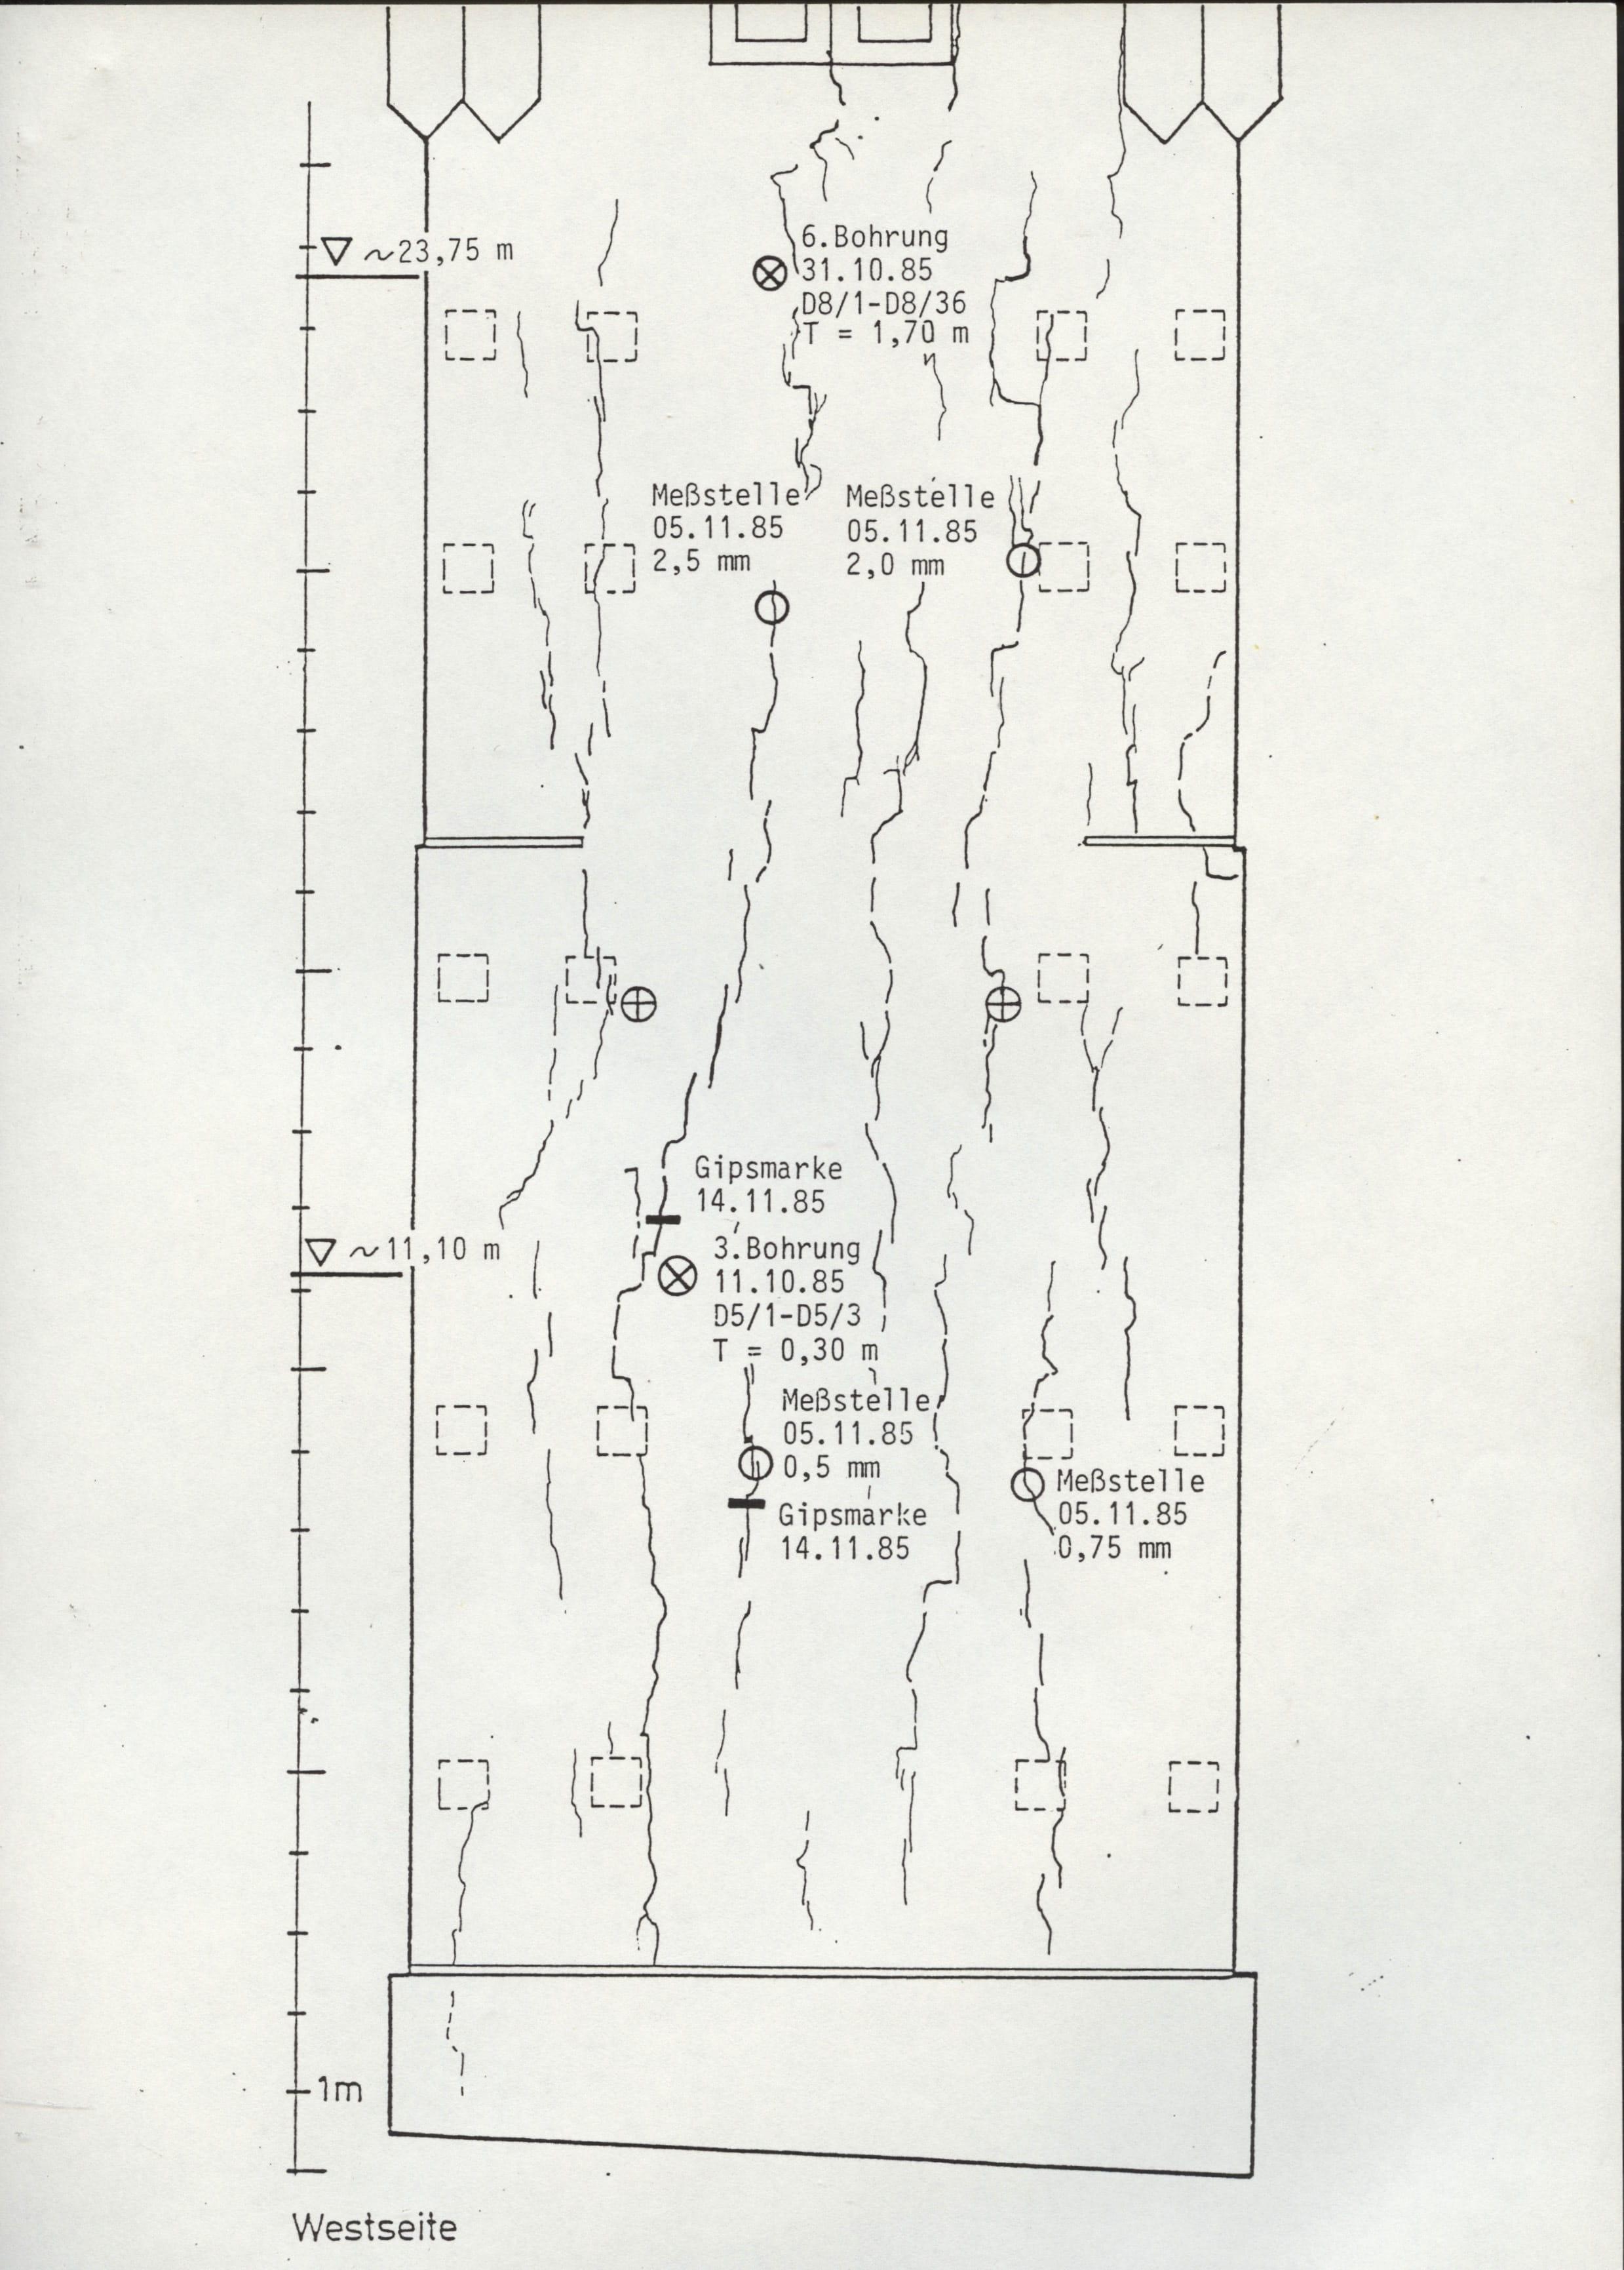 Pieper Wimpfen 1972 Zeichnung